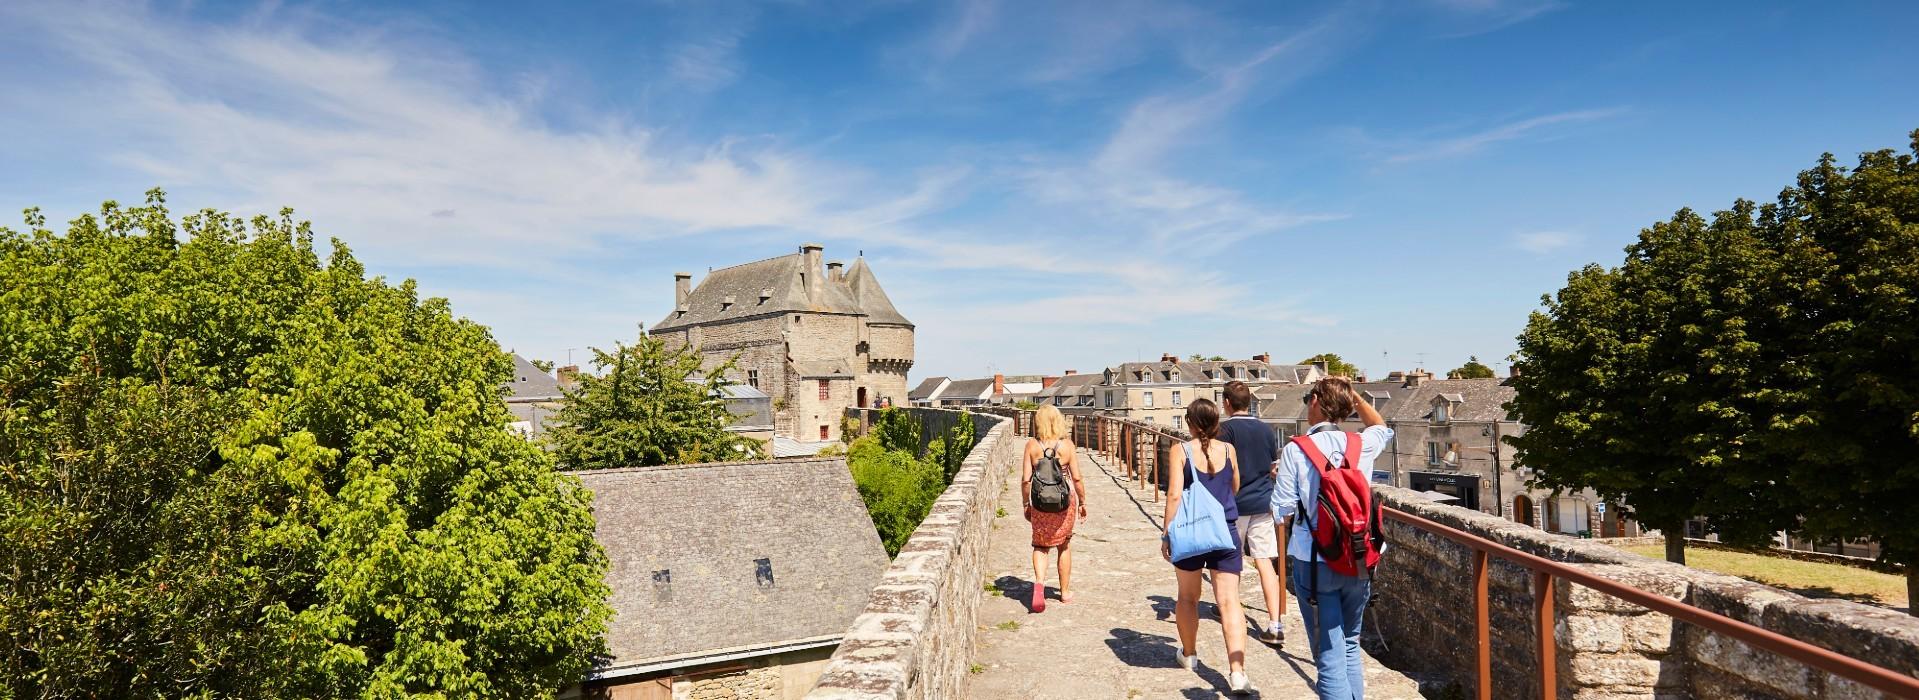 Chemin de ronde des remparts de Guérande - Alexandre Lamoureux